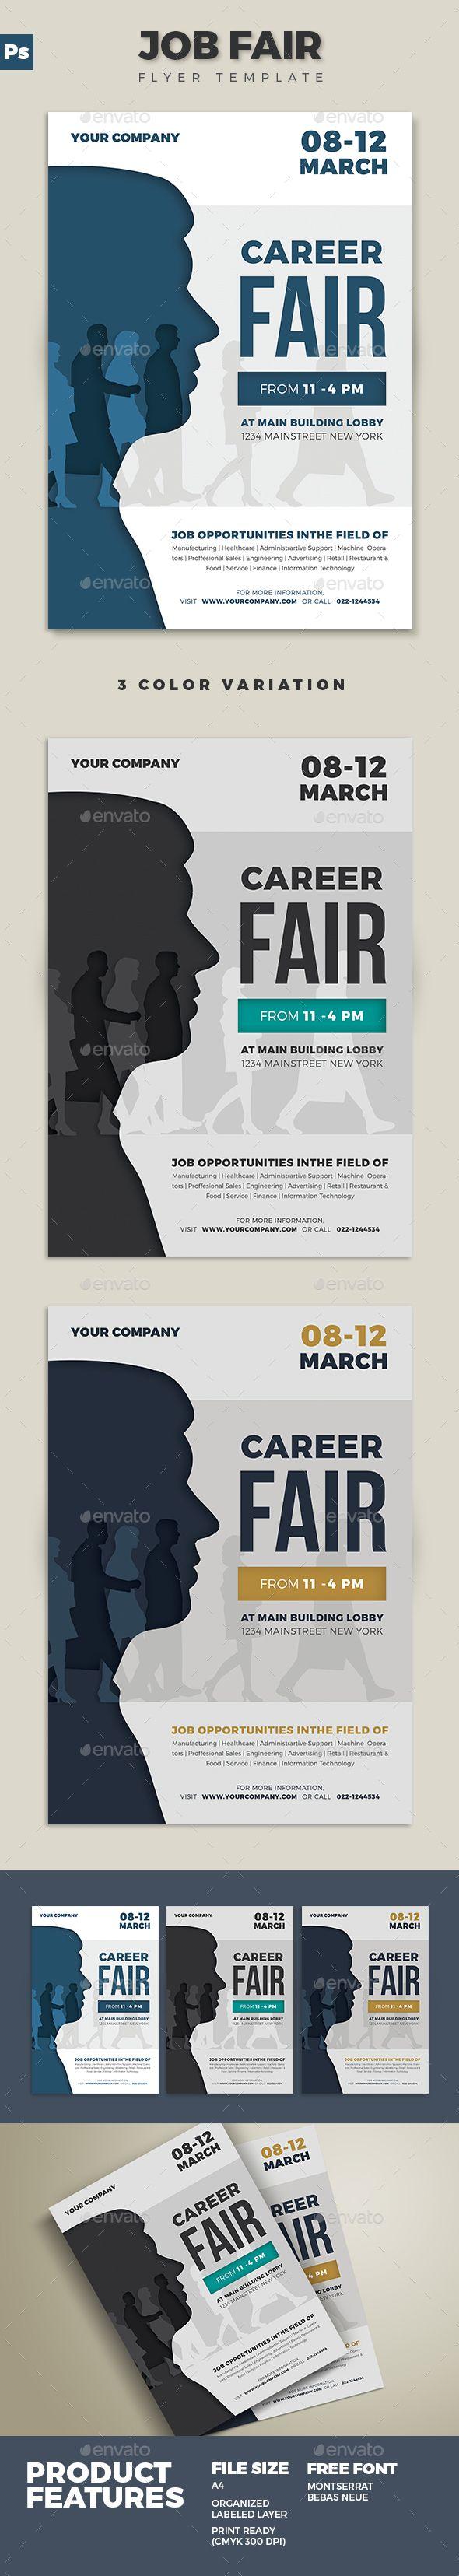 25 Unique Job Fair Ideas On Pinterest Career Fair Tips